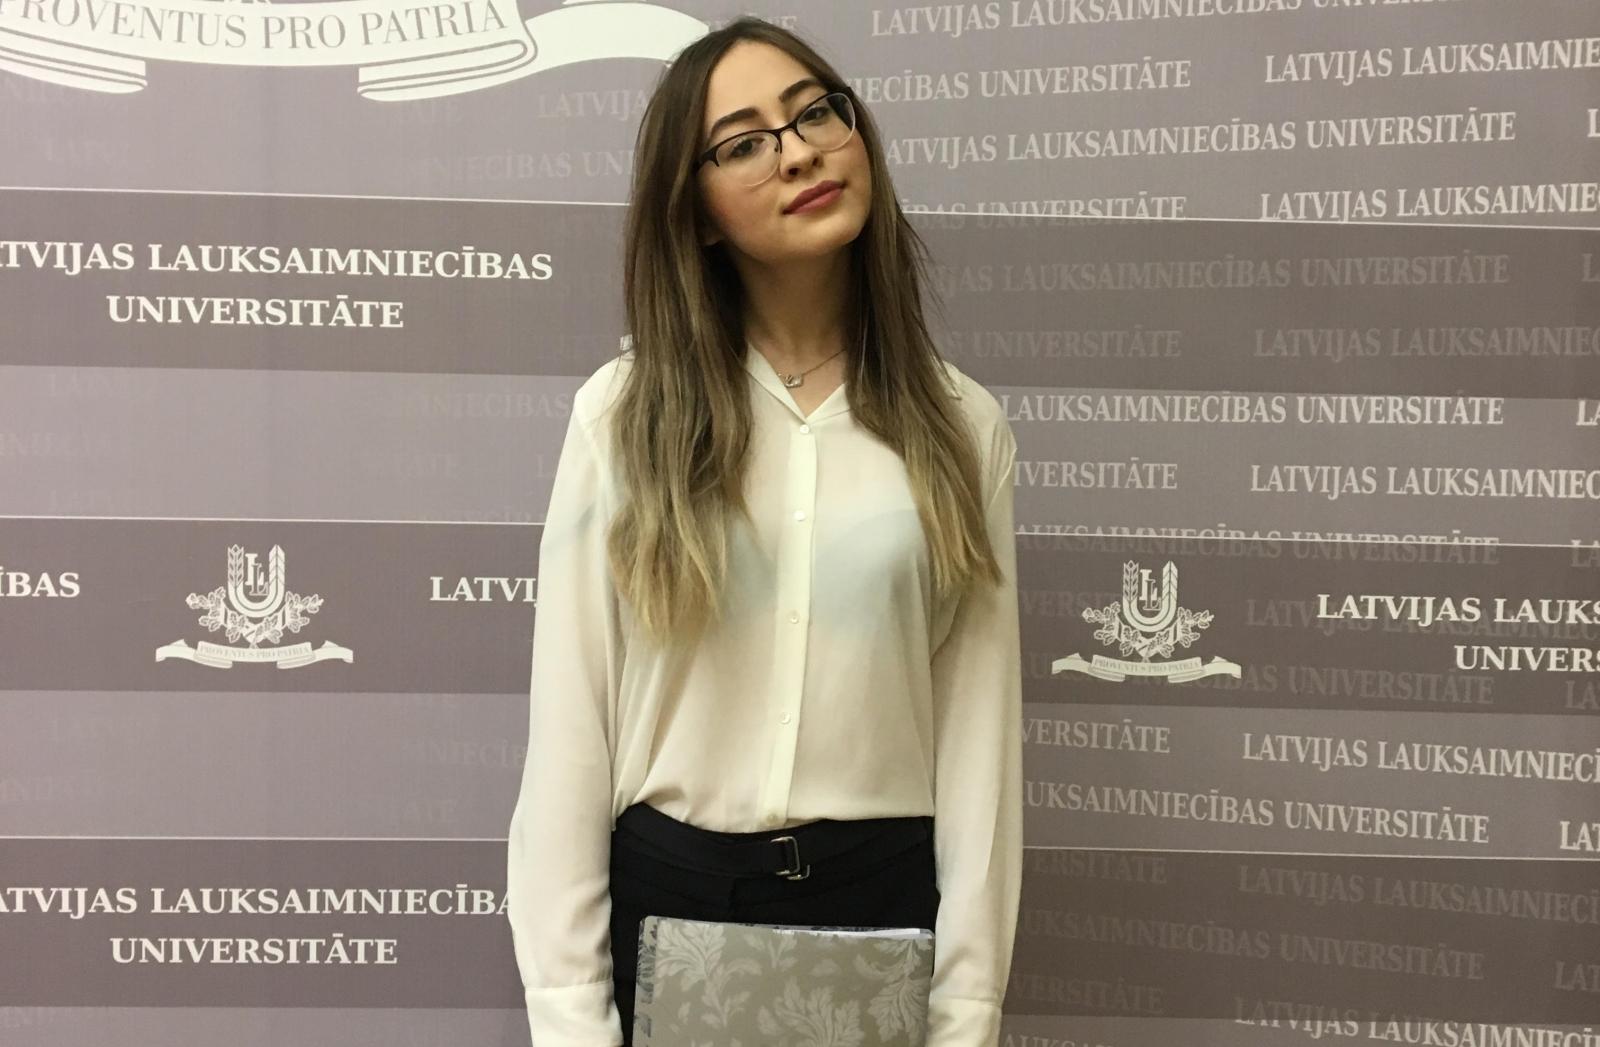 Научные достижения наших студентов оценили в Латвии